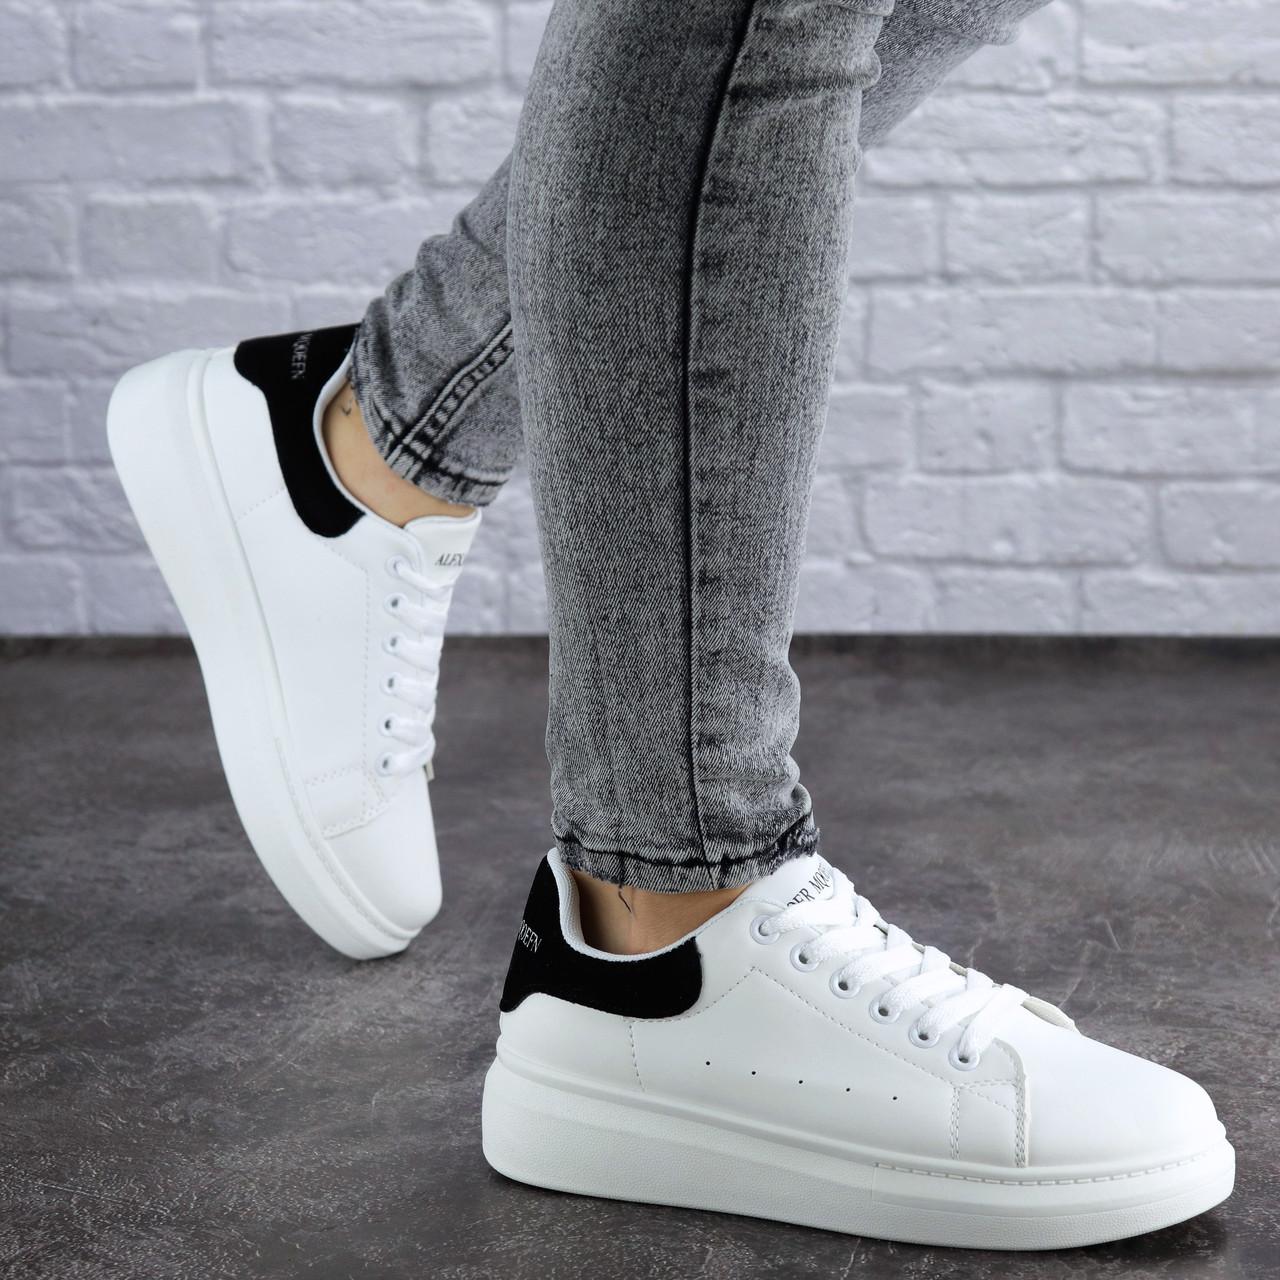 Купить Женские кроссовки белые Andy 1948 (37 размер), Fashion